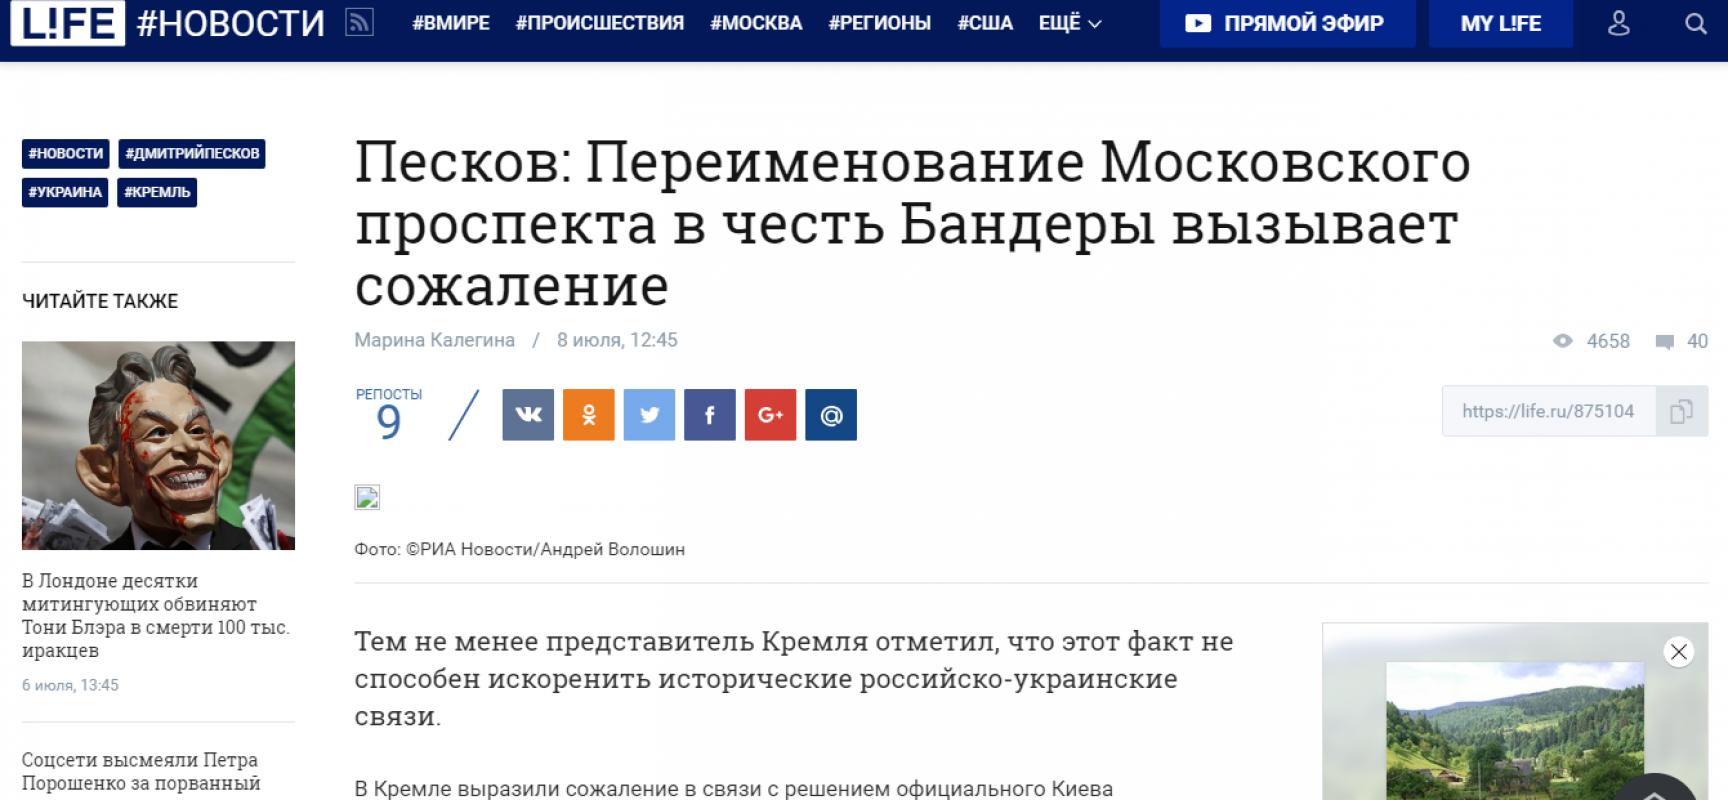 """""""Bandera, salame e russofobia in Ucraina"""" – come i media russi hanno reagito alla rinomina del corso Moskovskiy"""